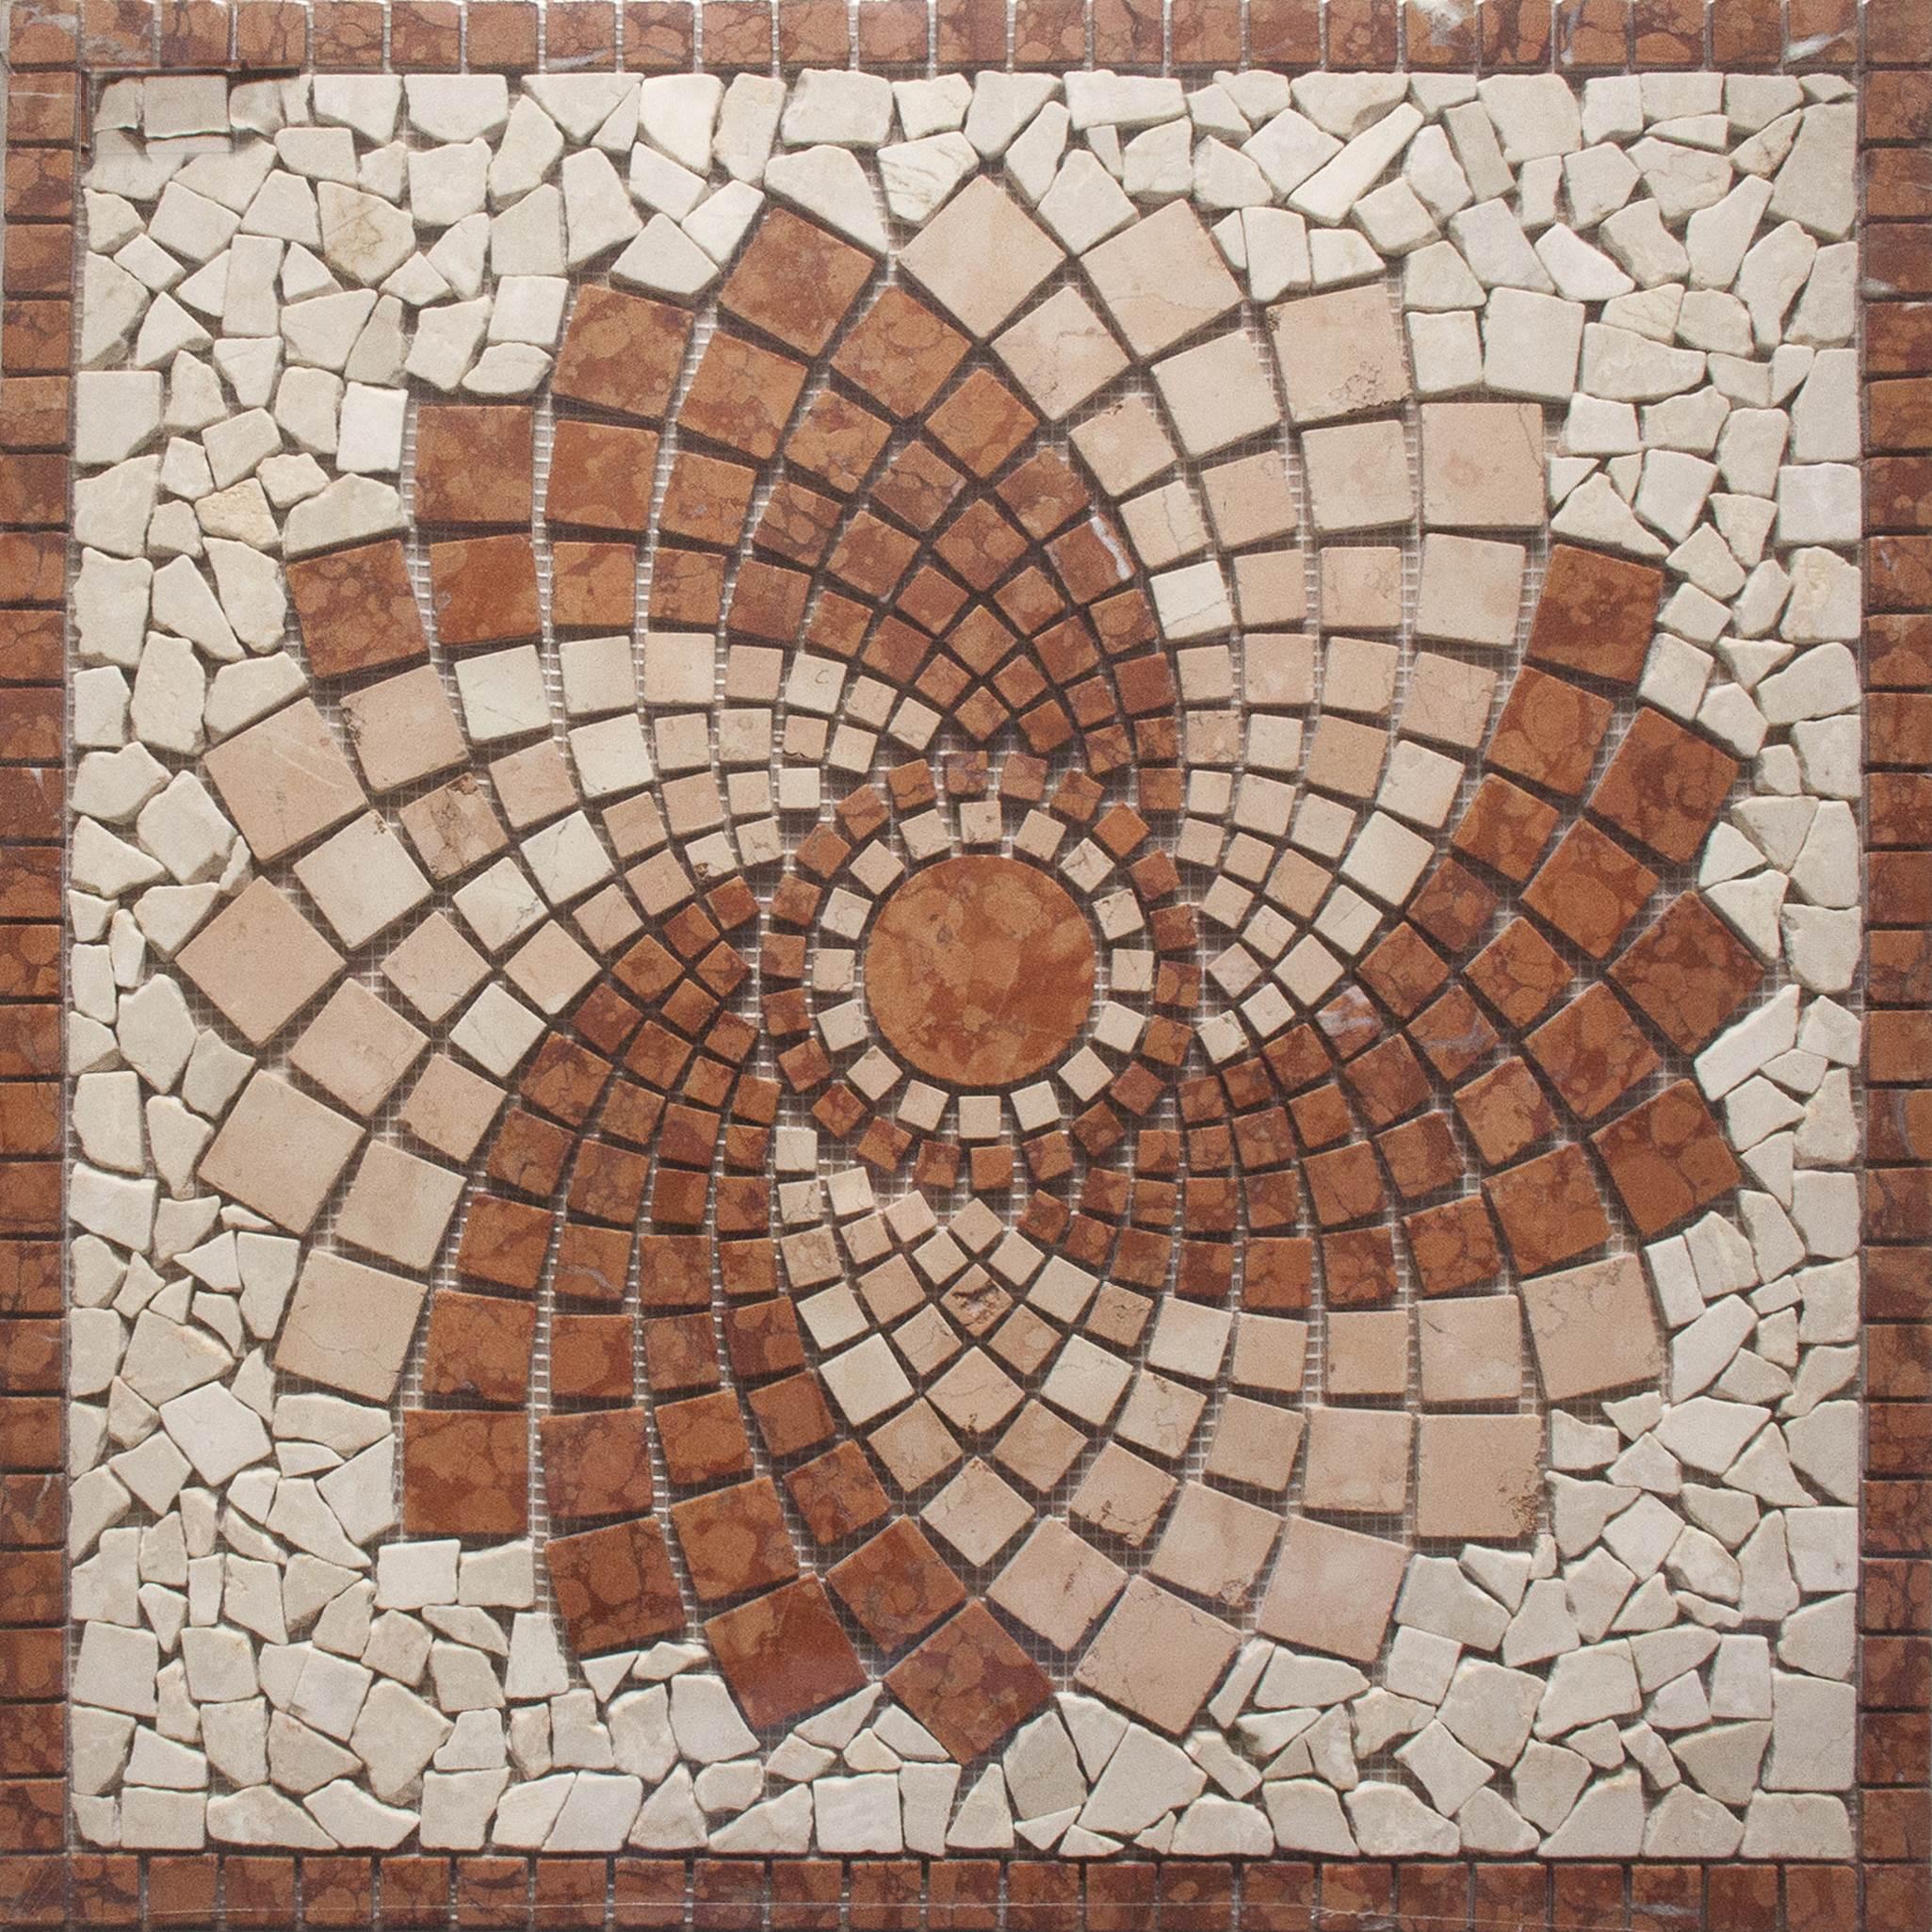 Rosone in marmo m503 66 66 gpm ceramica for Mosaici in marmo per pavimenti